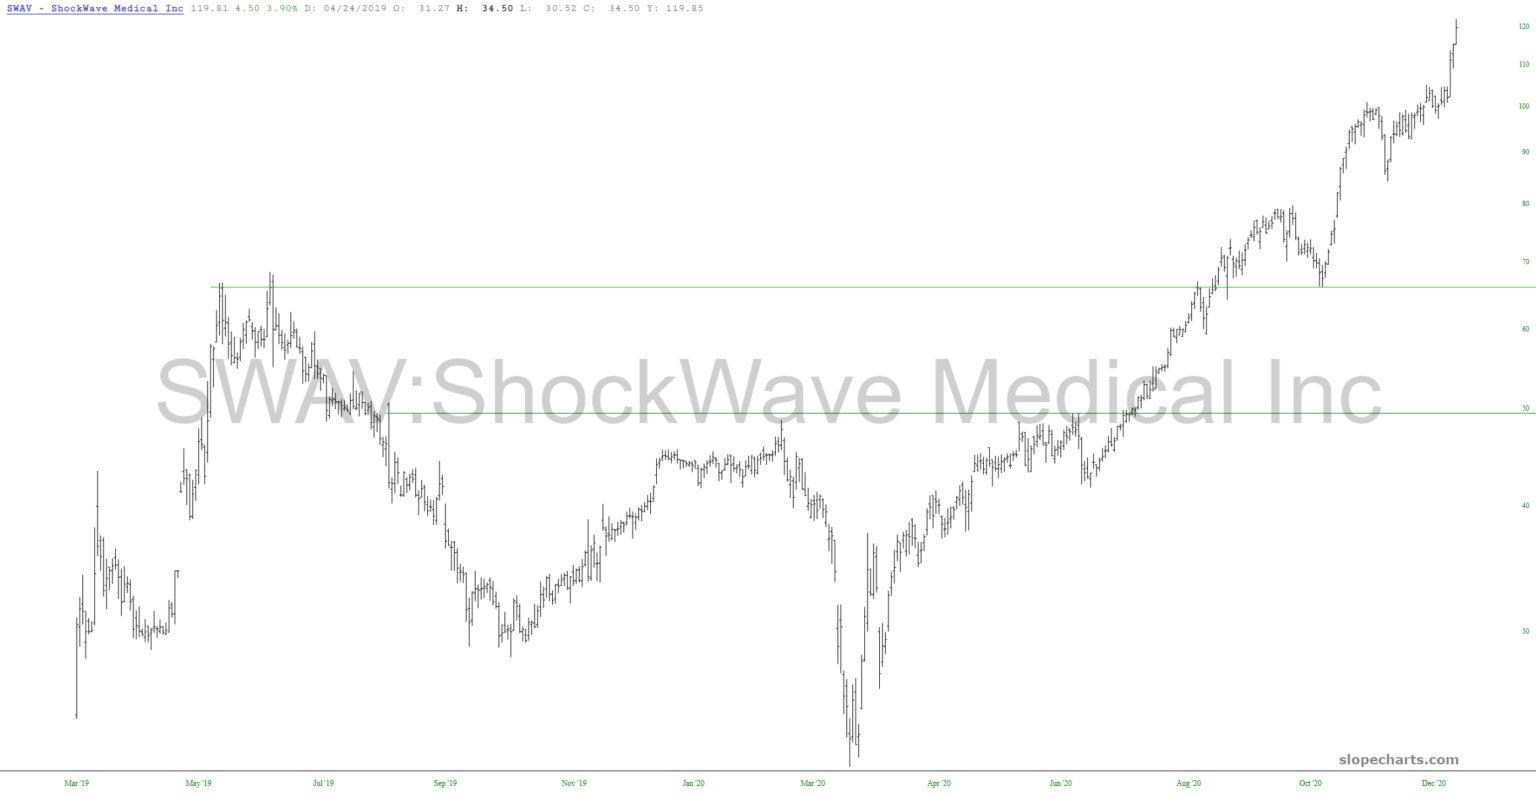 Shockwave Medical Chart.